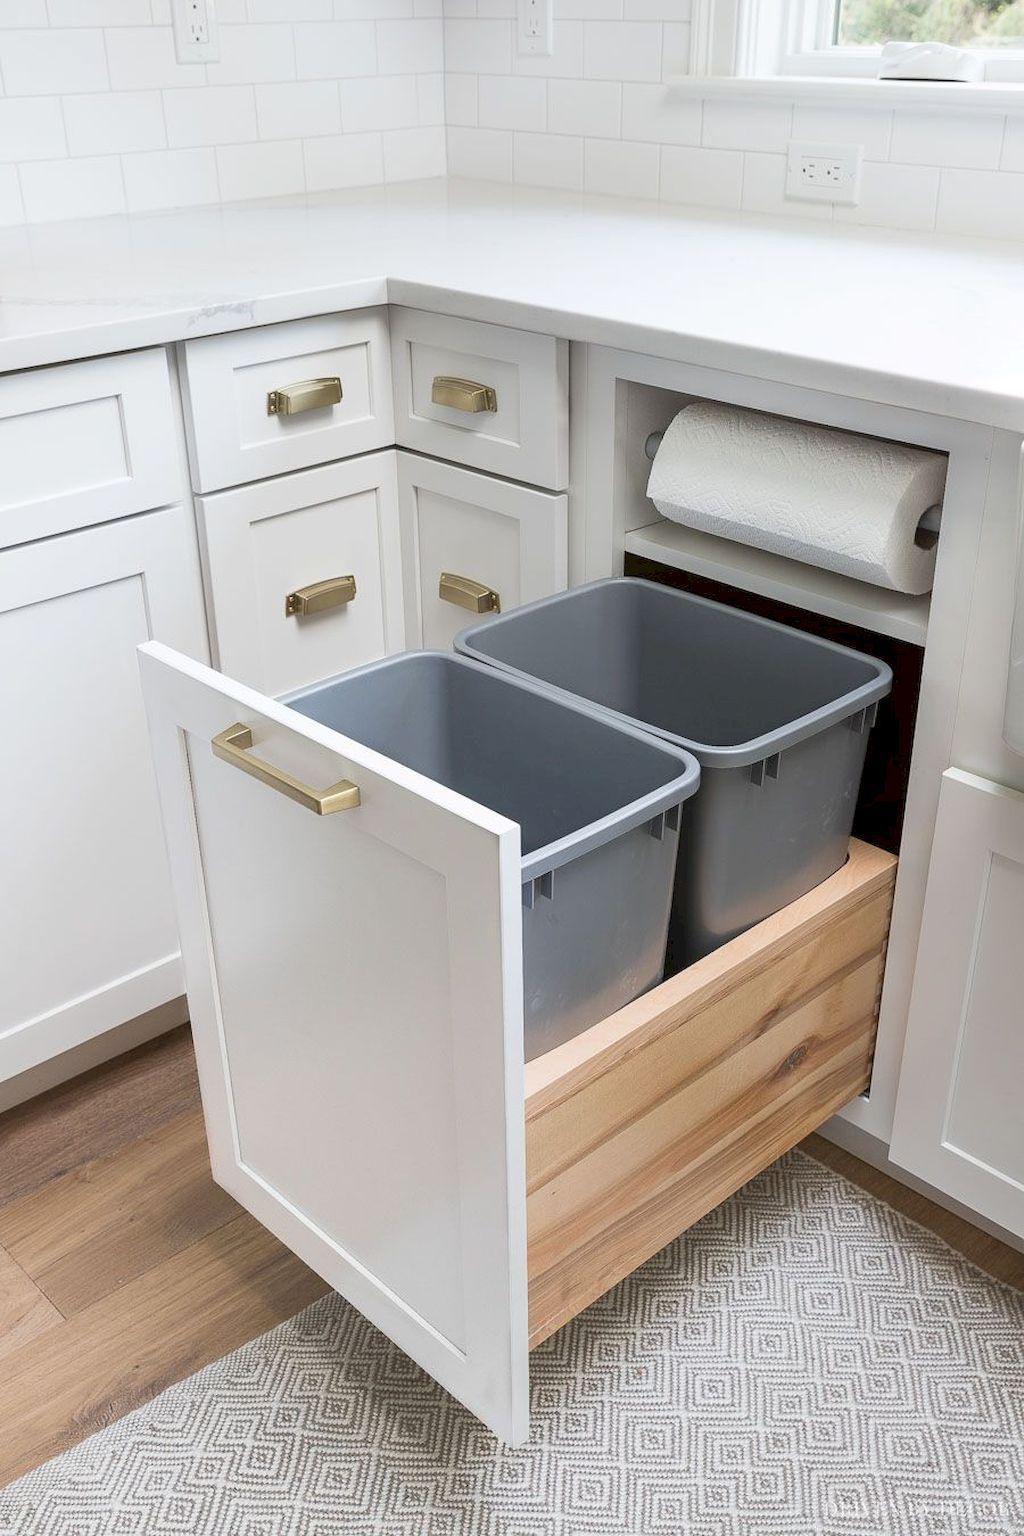 Unbelievable Kitchen Cupboard Concepts Unbelievable Kitchen Cupboard Concepts Homer Kitchen Cabinet Storage Diy Kitchen Renovation Kitchen Cabinet Organization